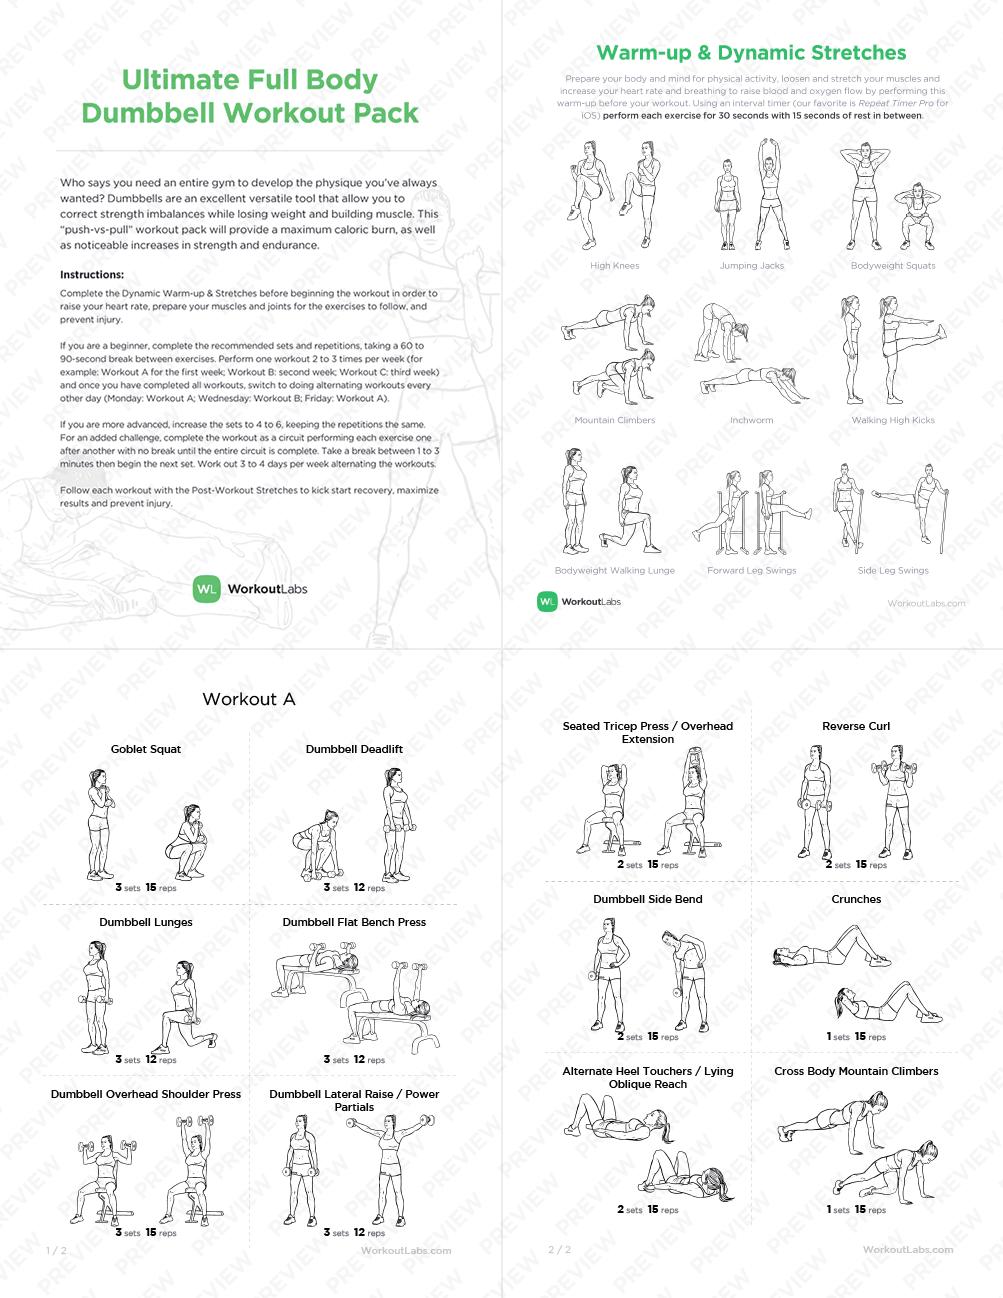 Ultimate Full Body Dumbbell Workout Pack for Men & Women